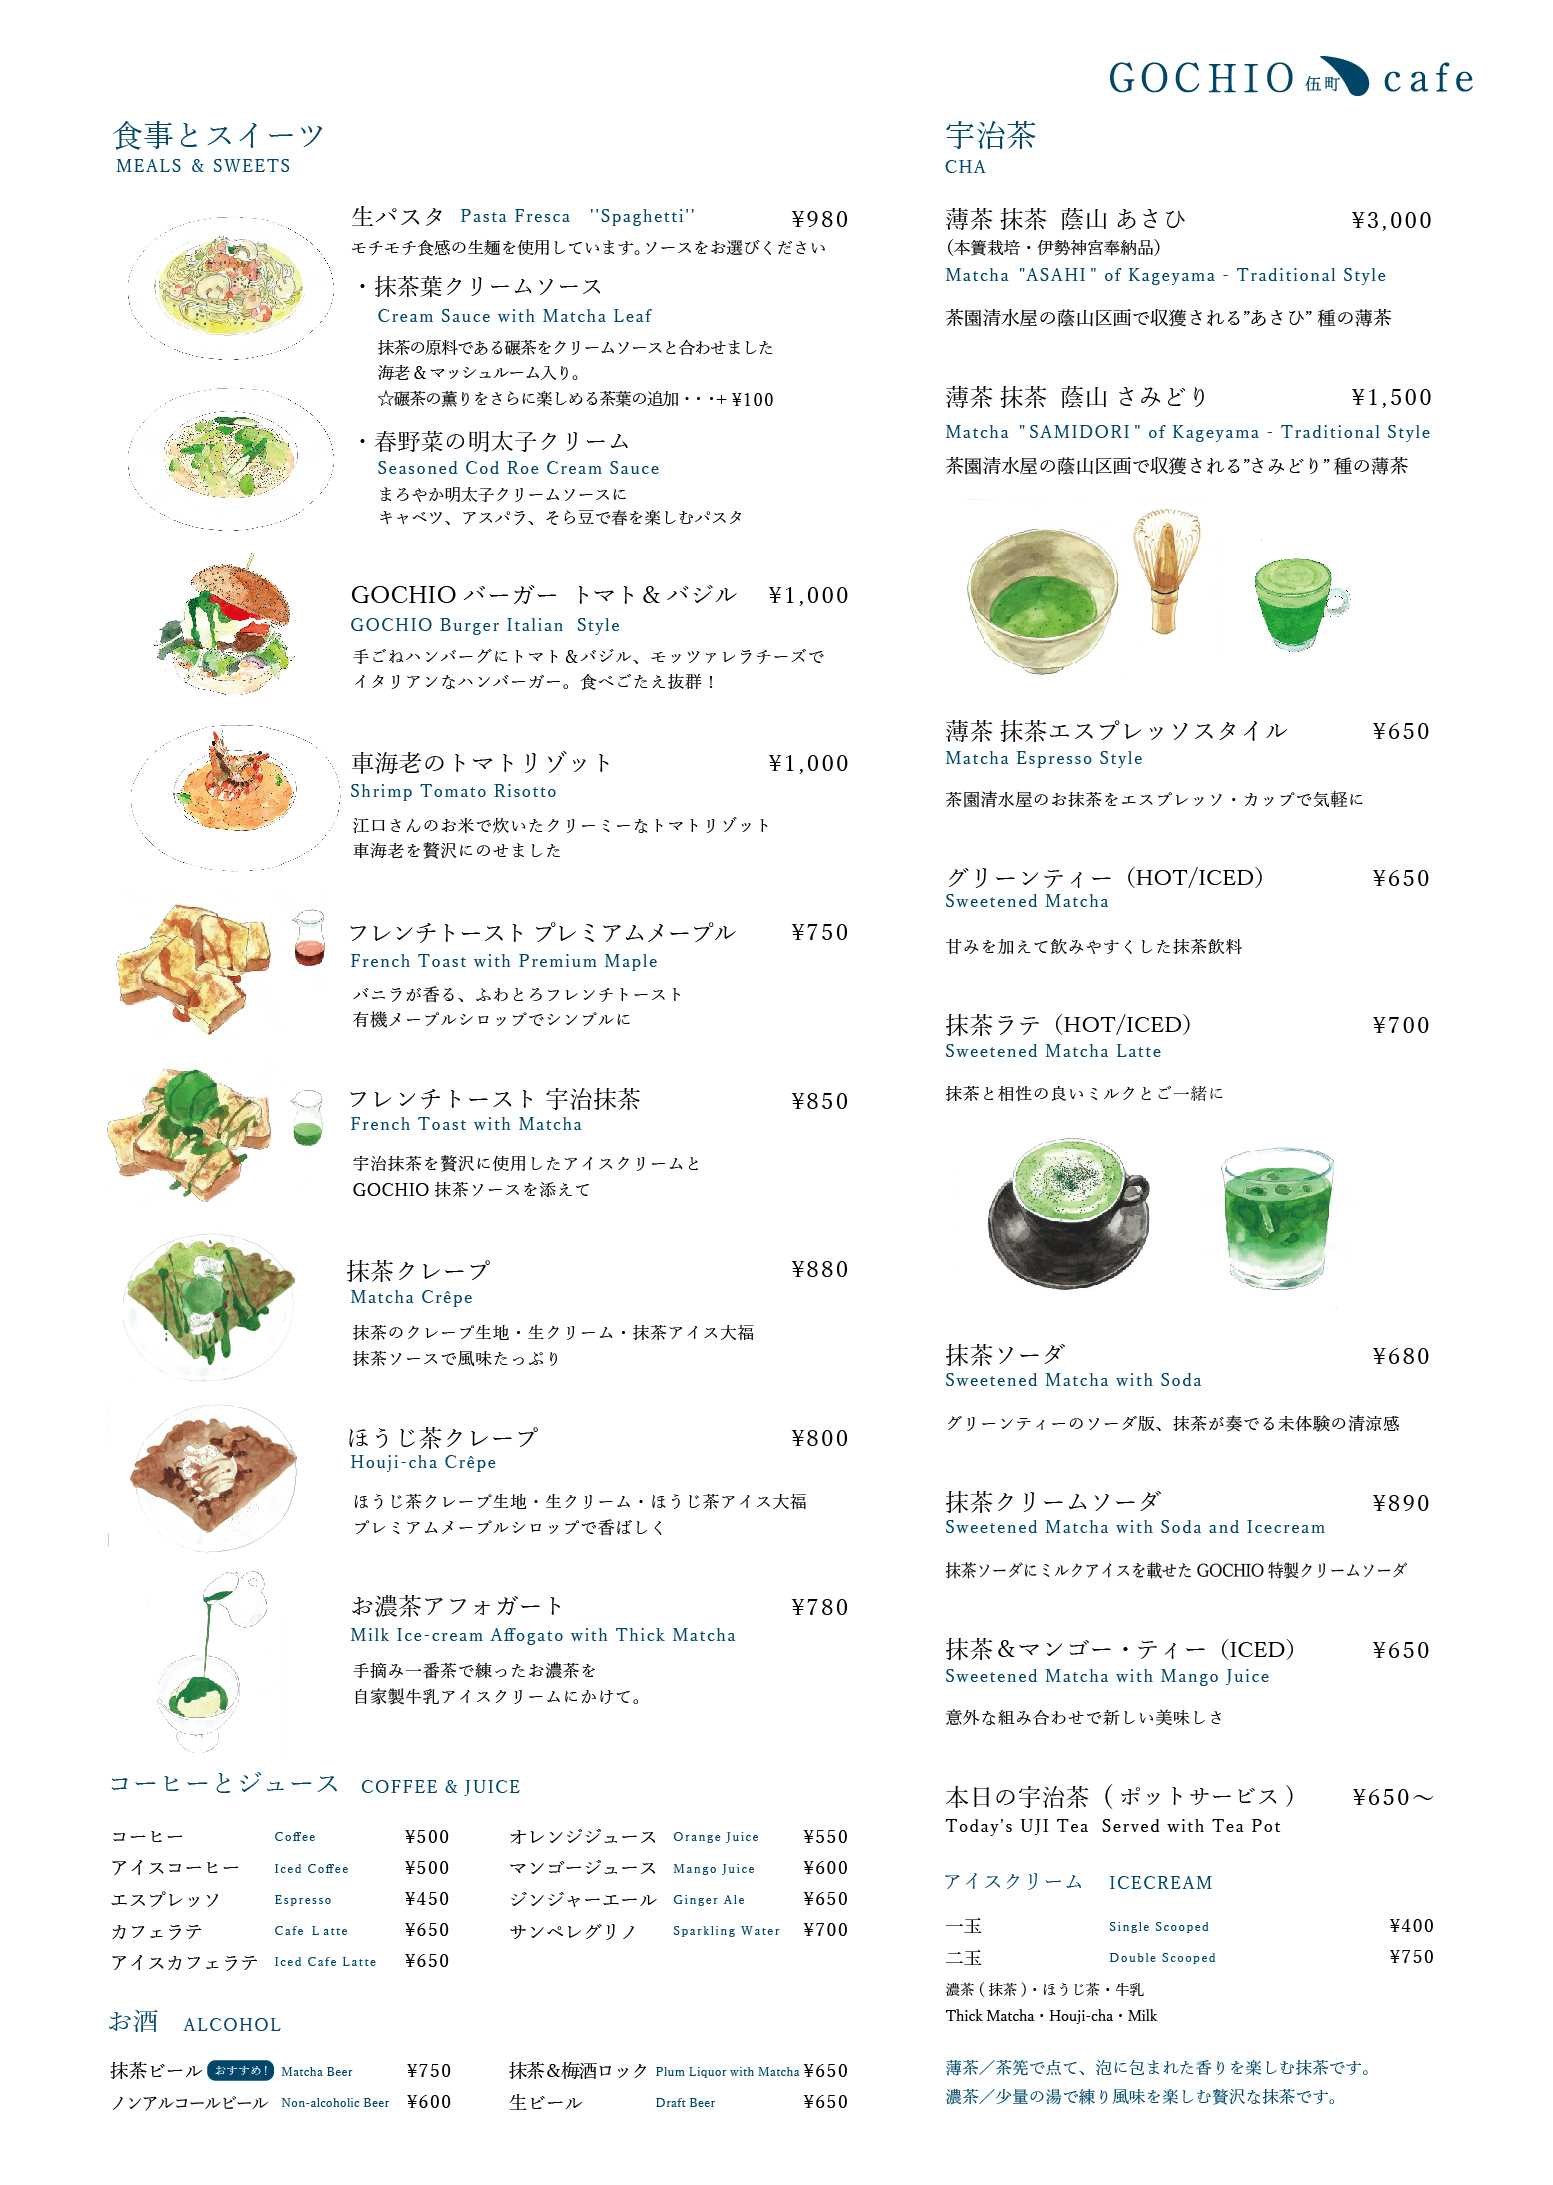 GOCHIO_2017_3GM_web-01